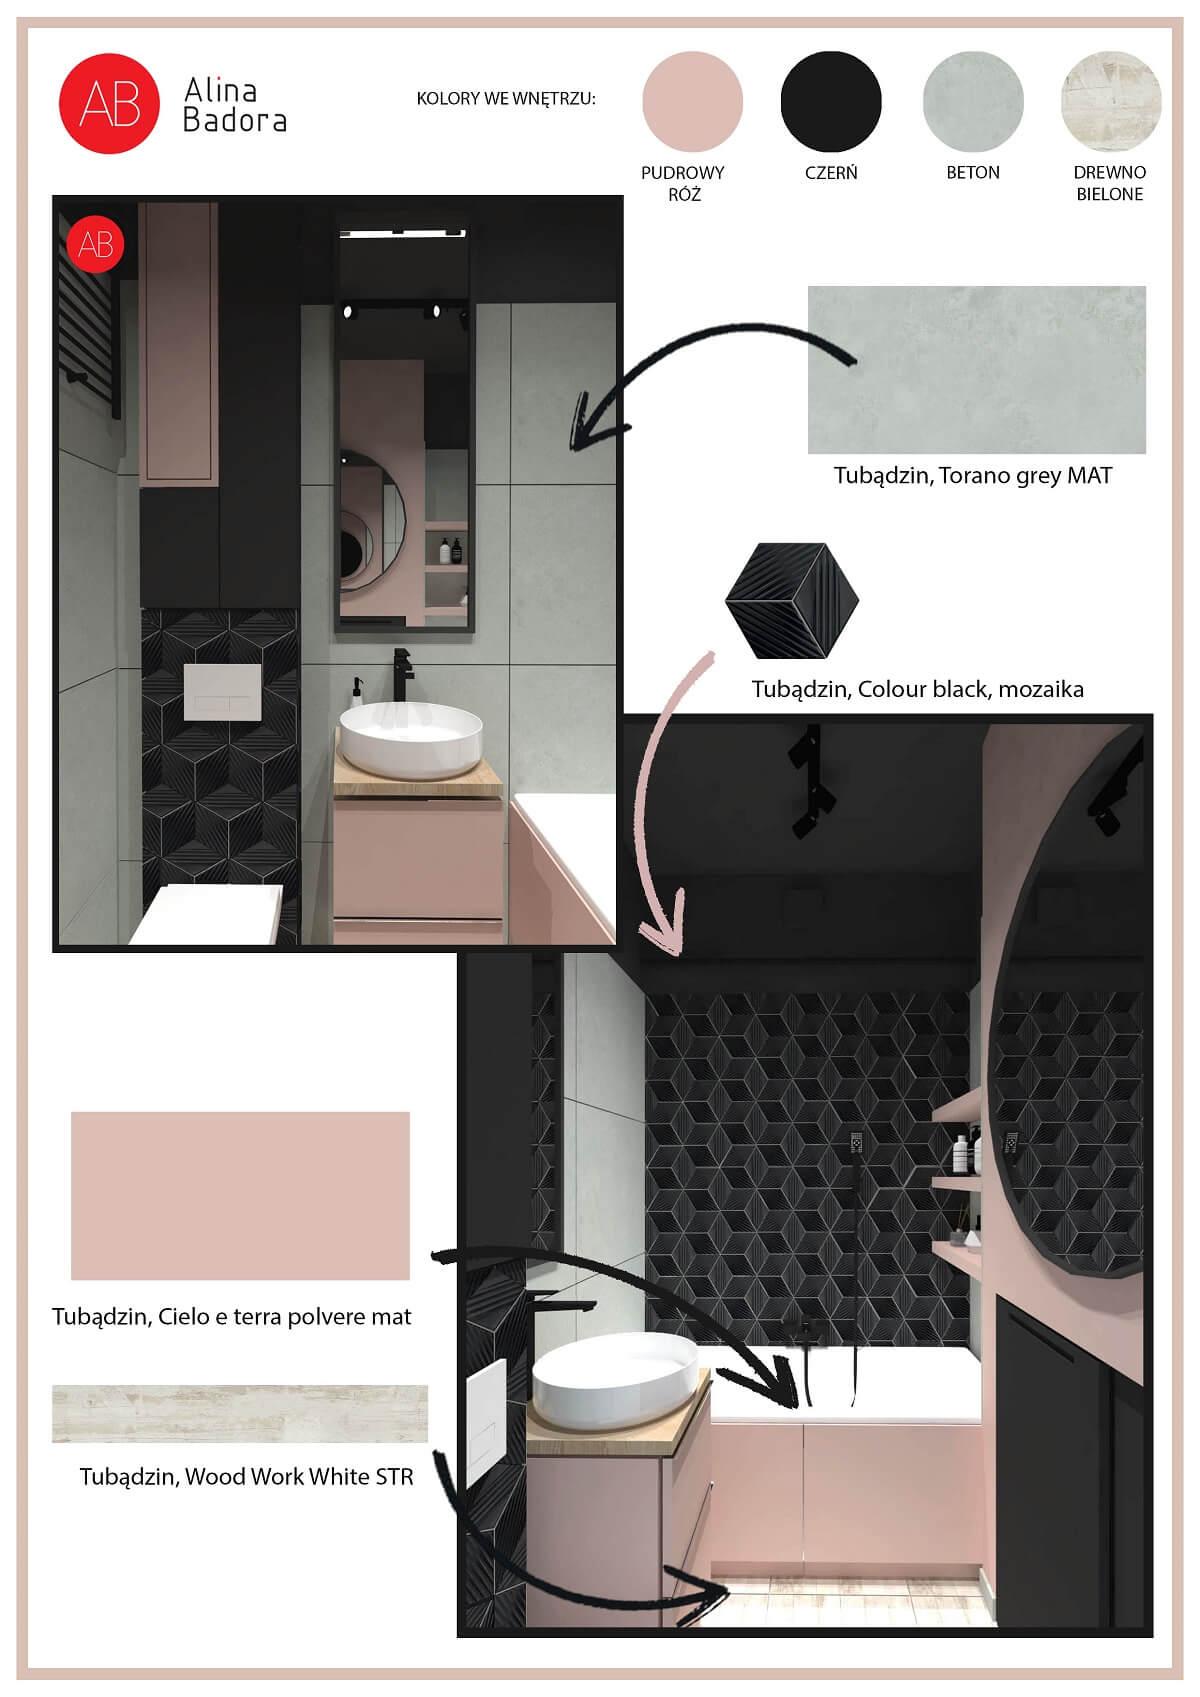 Inspiracje Ali - jak urządzić łazienkę w kobiecym stylu?